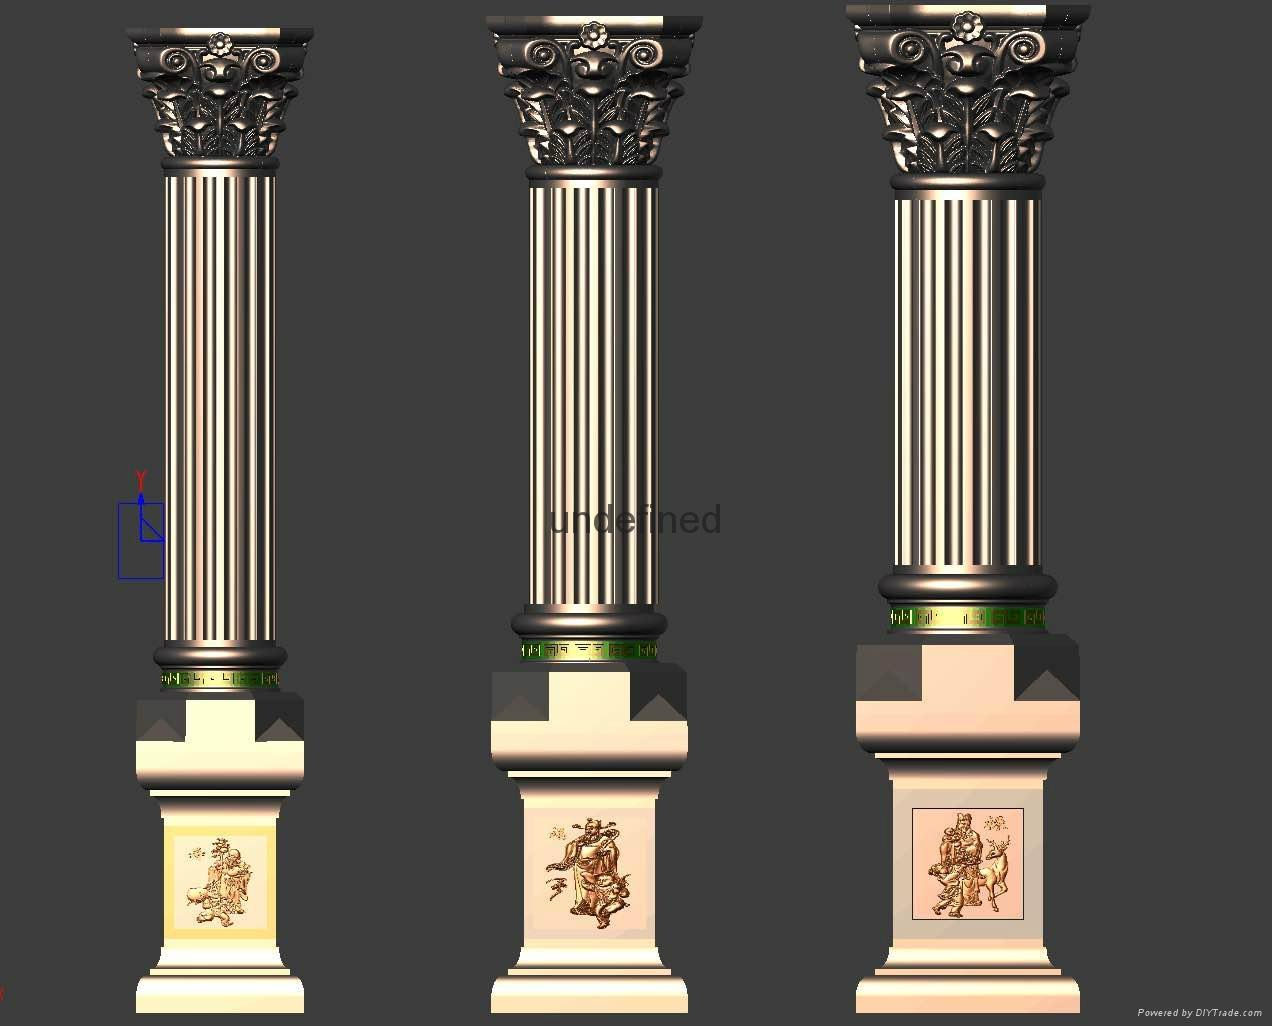 老王羅馬柱模具 2